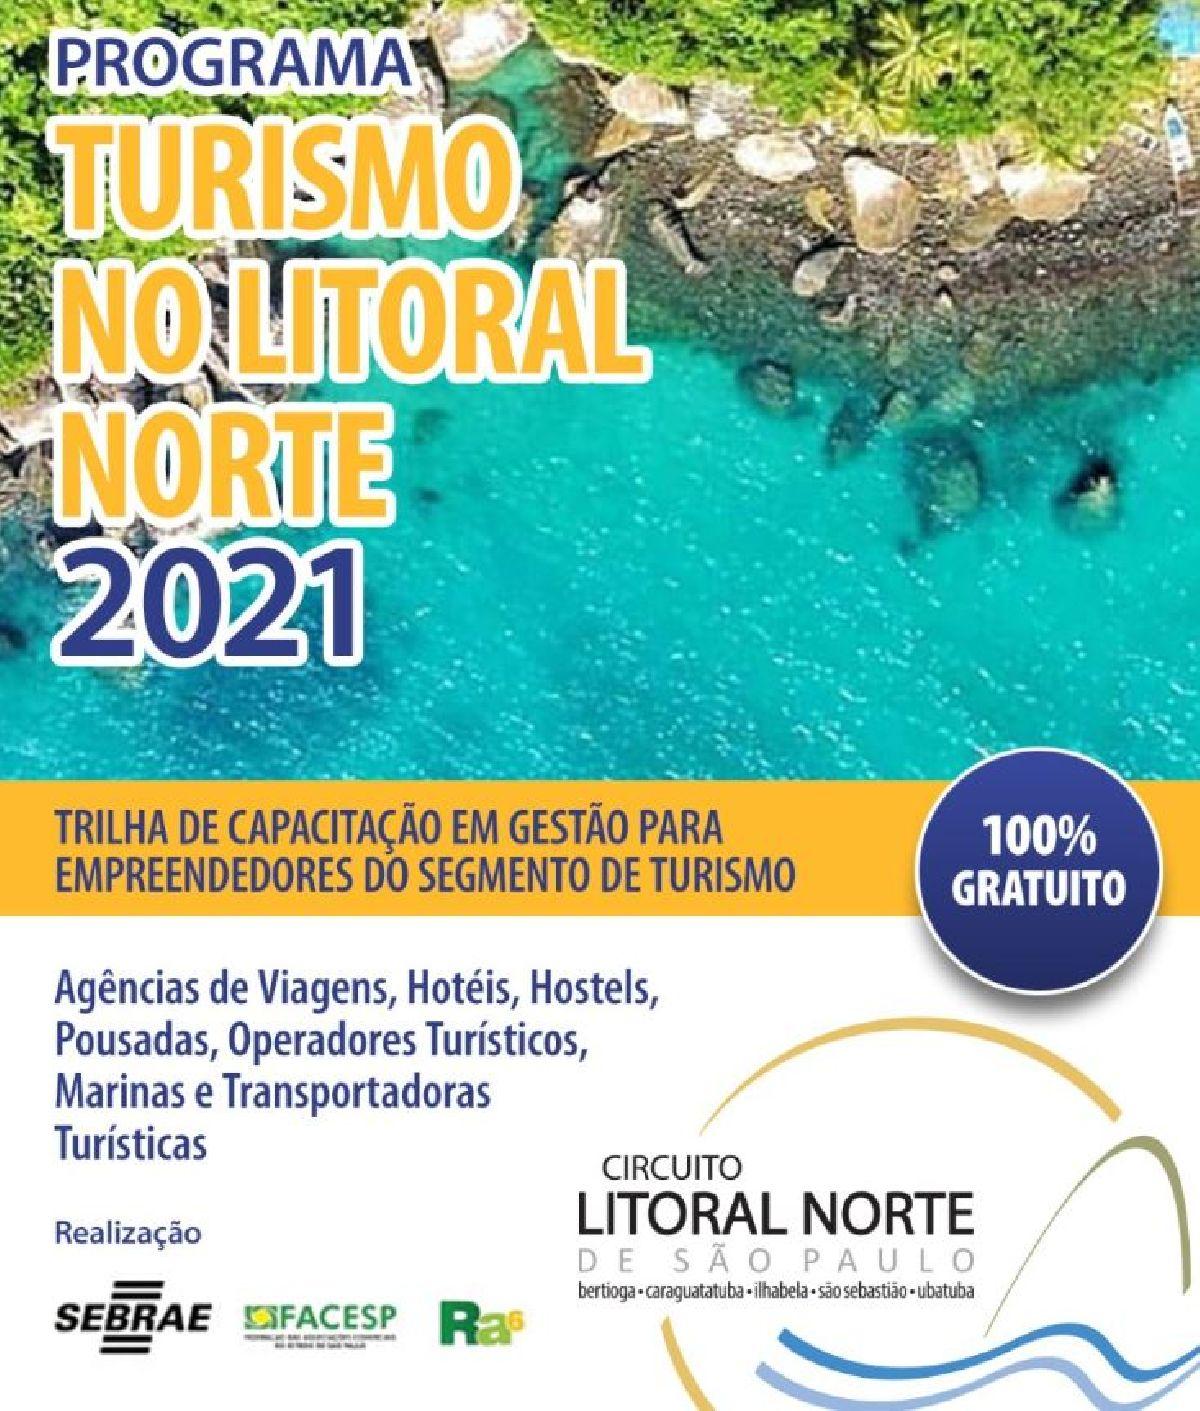 CIRCUITO LITORAL NORTE APOIA CAPACITAÇÕES E TREINAMENTOS PARA EMPREENDEDORES DO TURISMO NO LITORAL NORTE